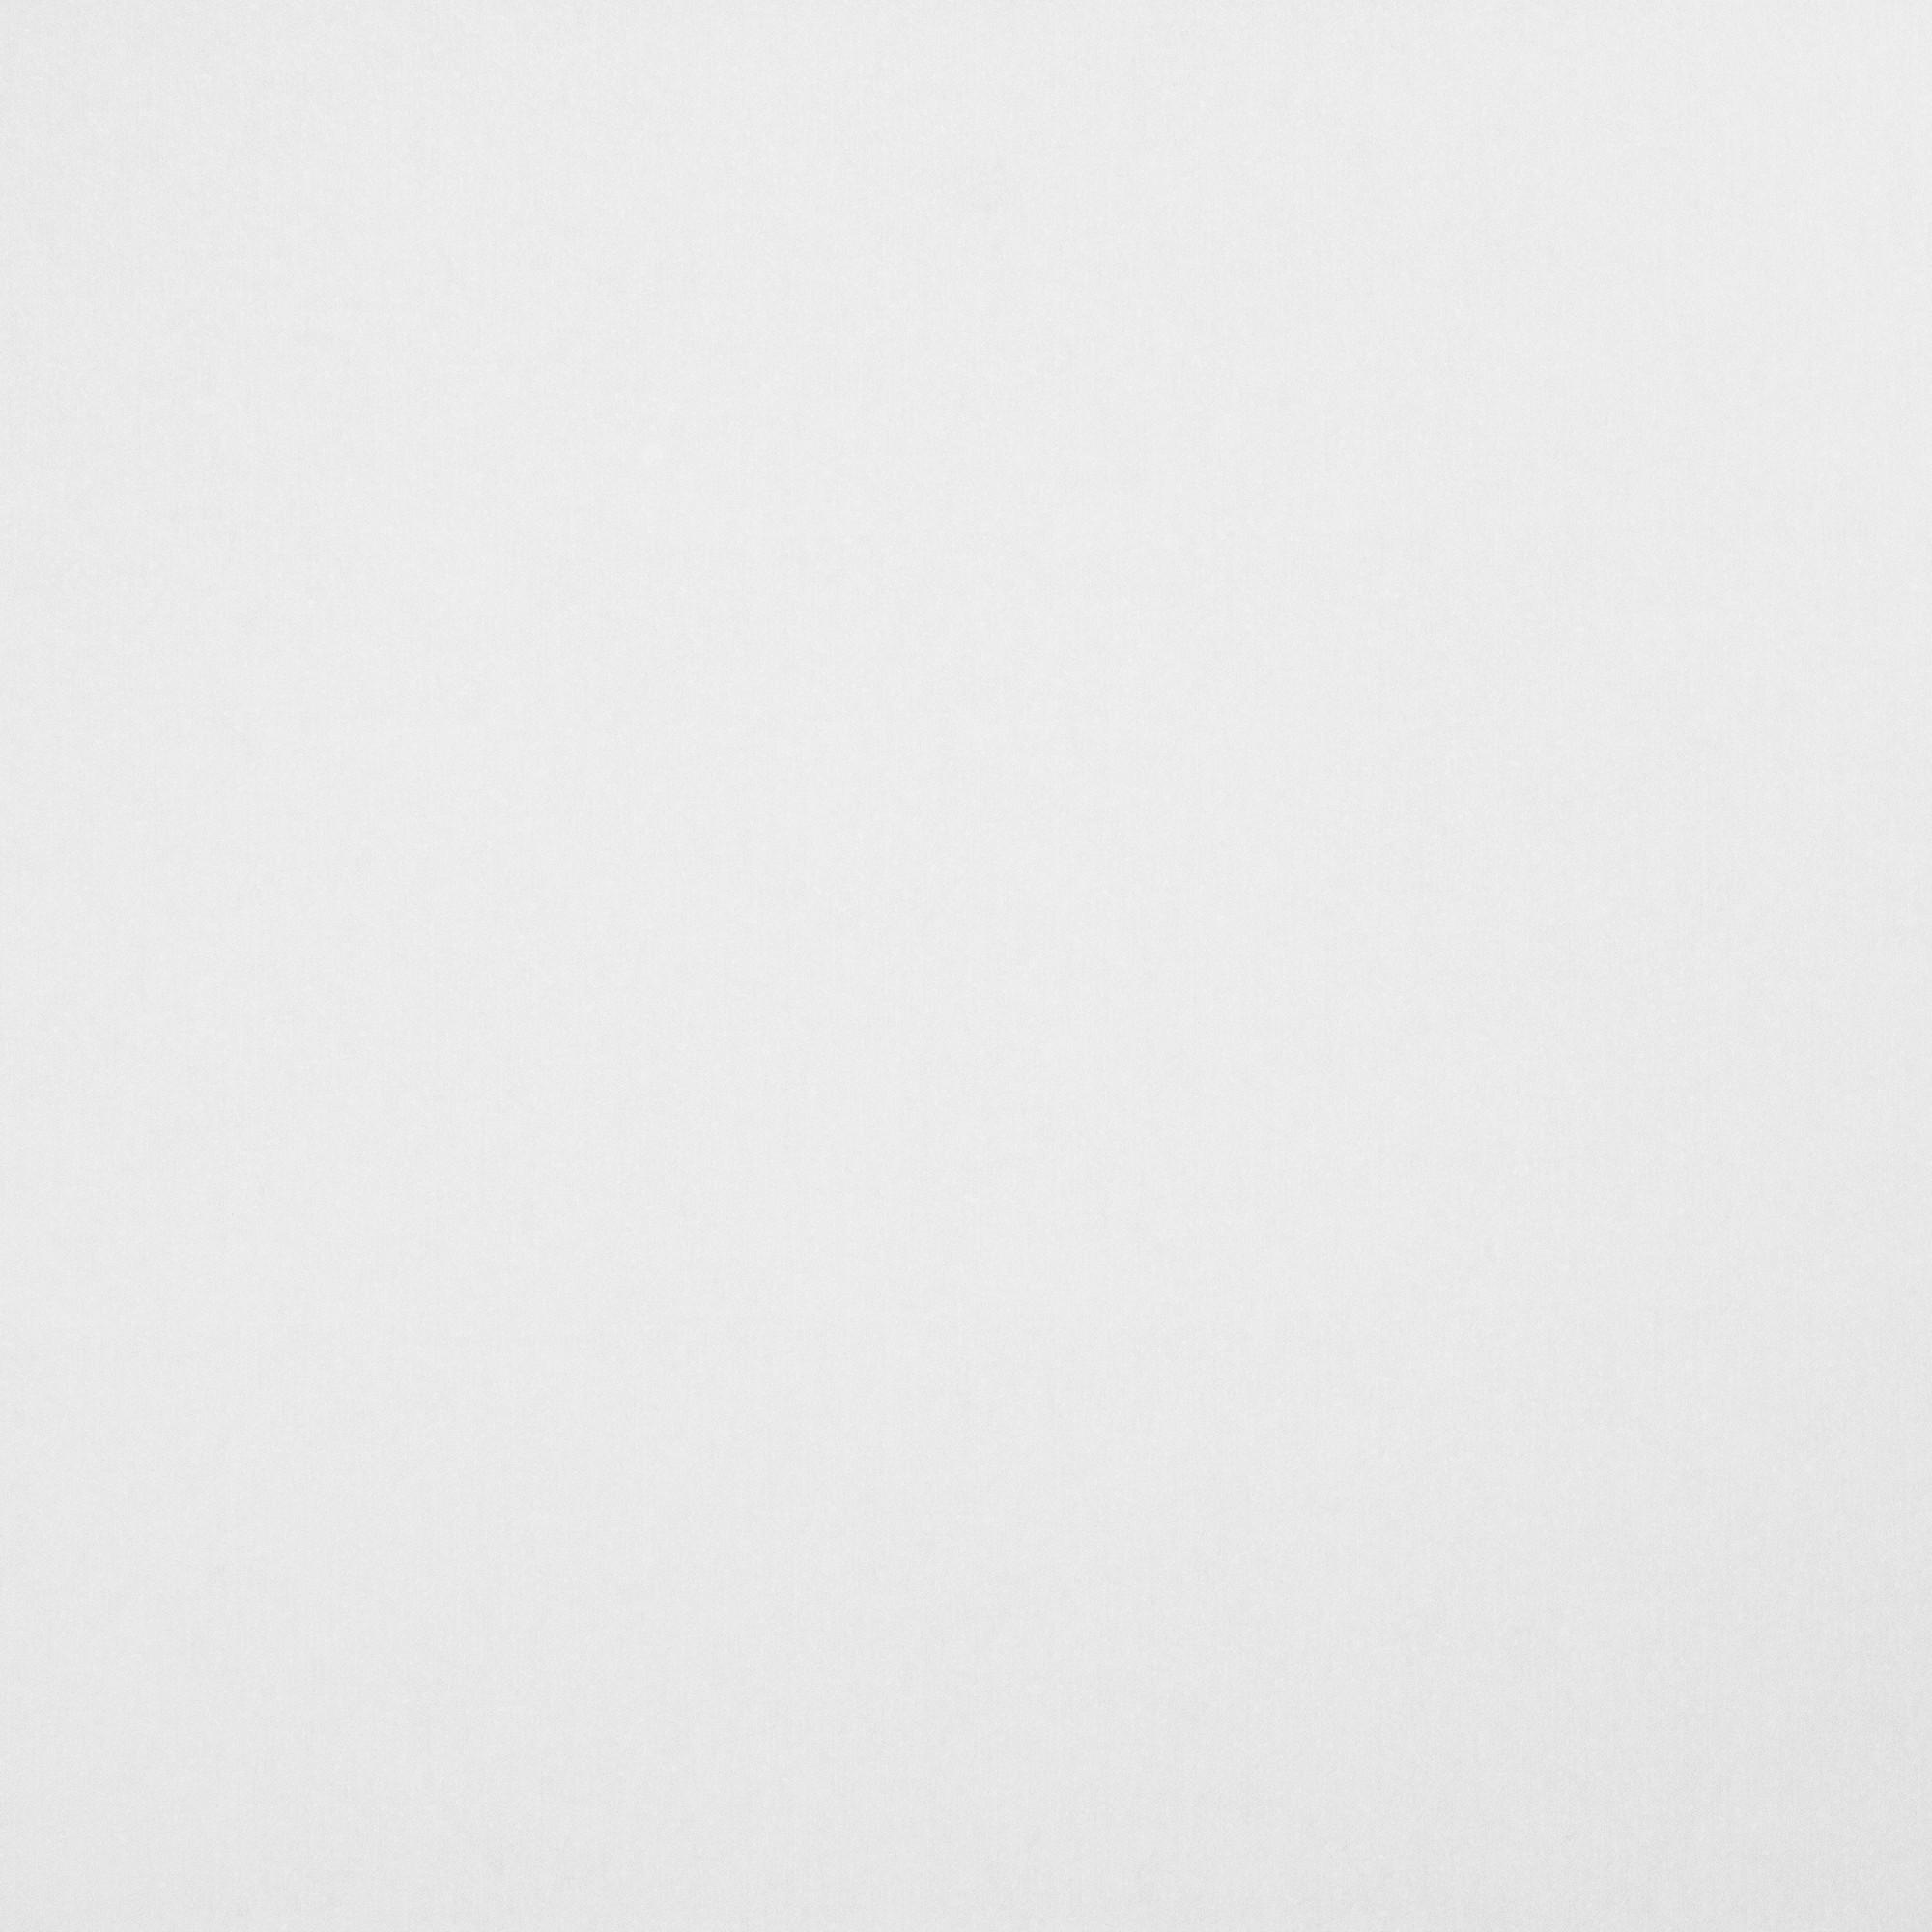 Деталь мебельная 2000Х500Х16 мм ЛДСП цвет белый